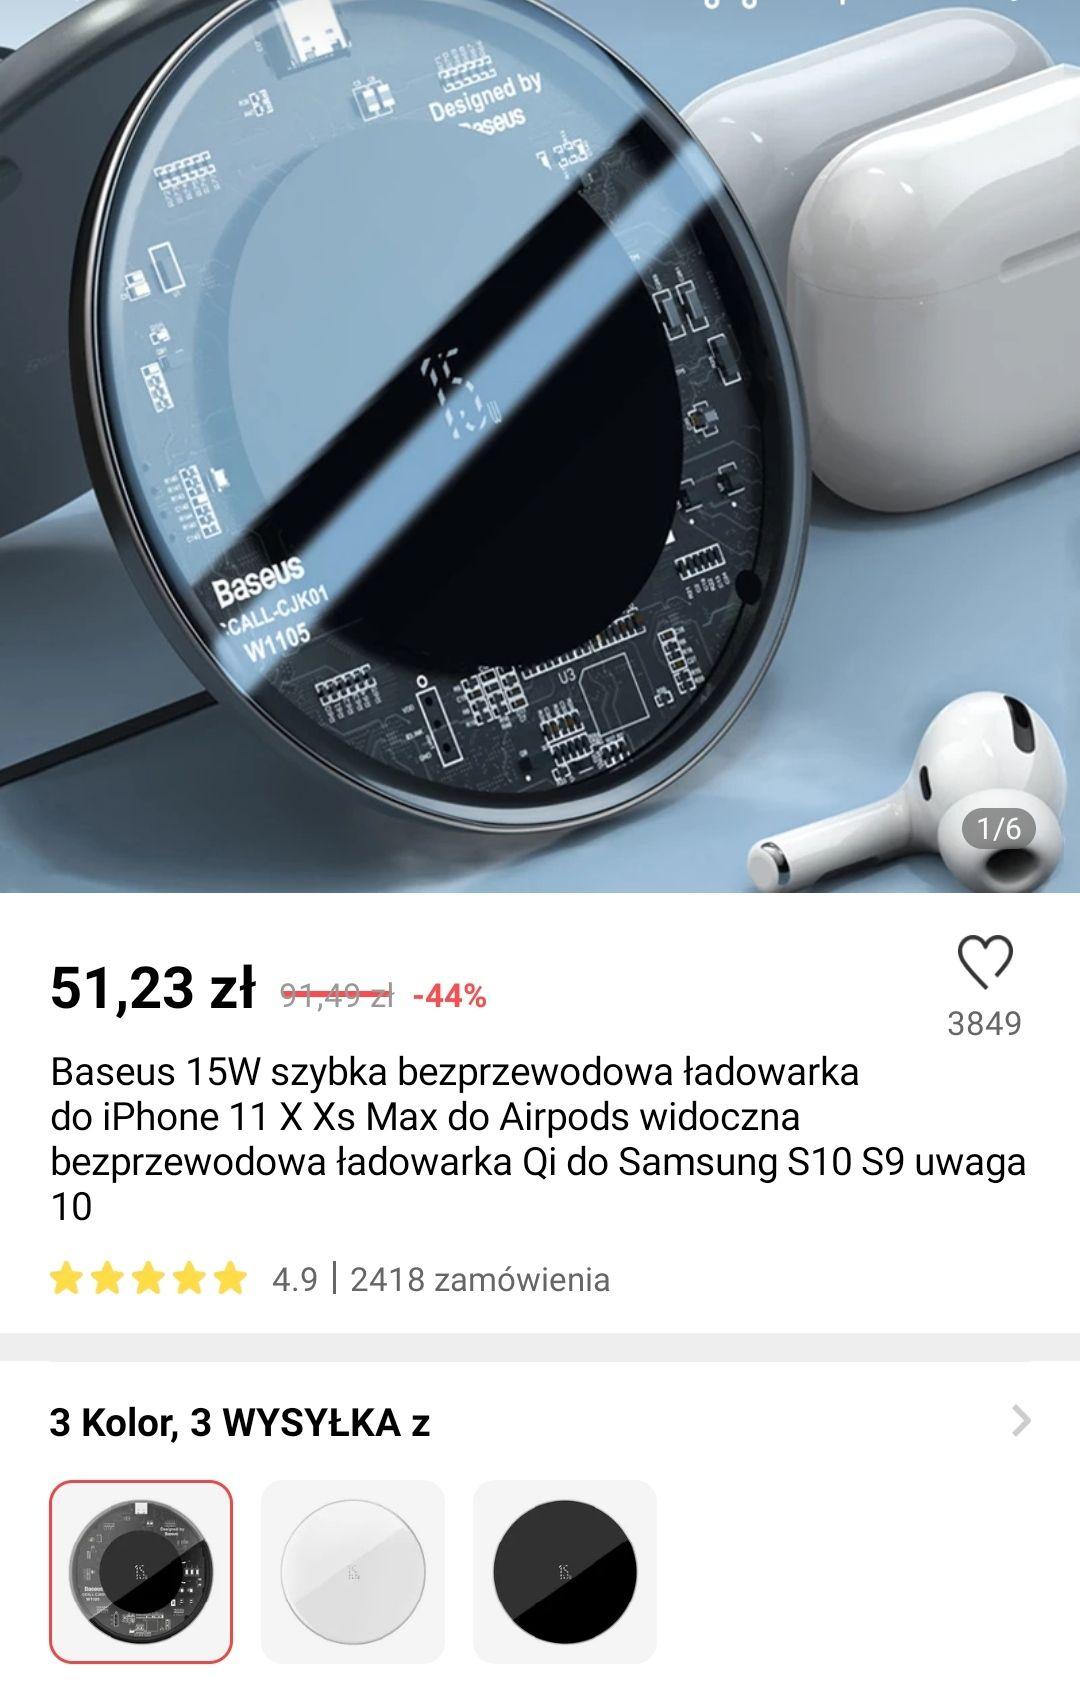 Baseus 15W bezprzewodowa ładowarka $11,51